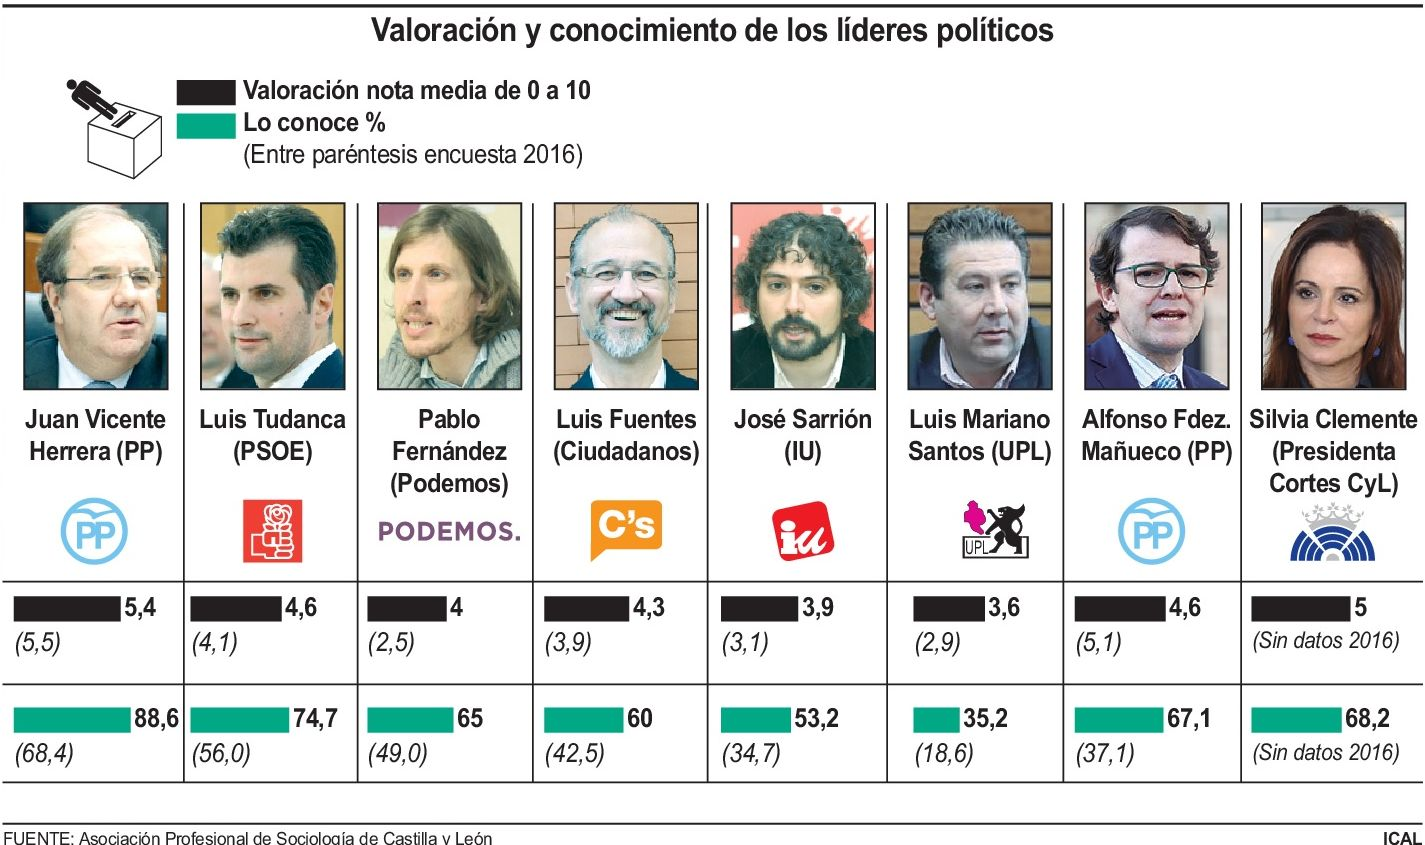 Mañueco y Tudanca empatan en valoración con un 4,6, por delante de Luis Fuentes (4,3) y Pablo Fernández (4)